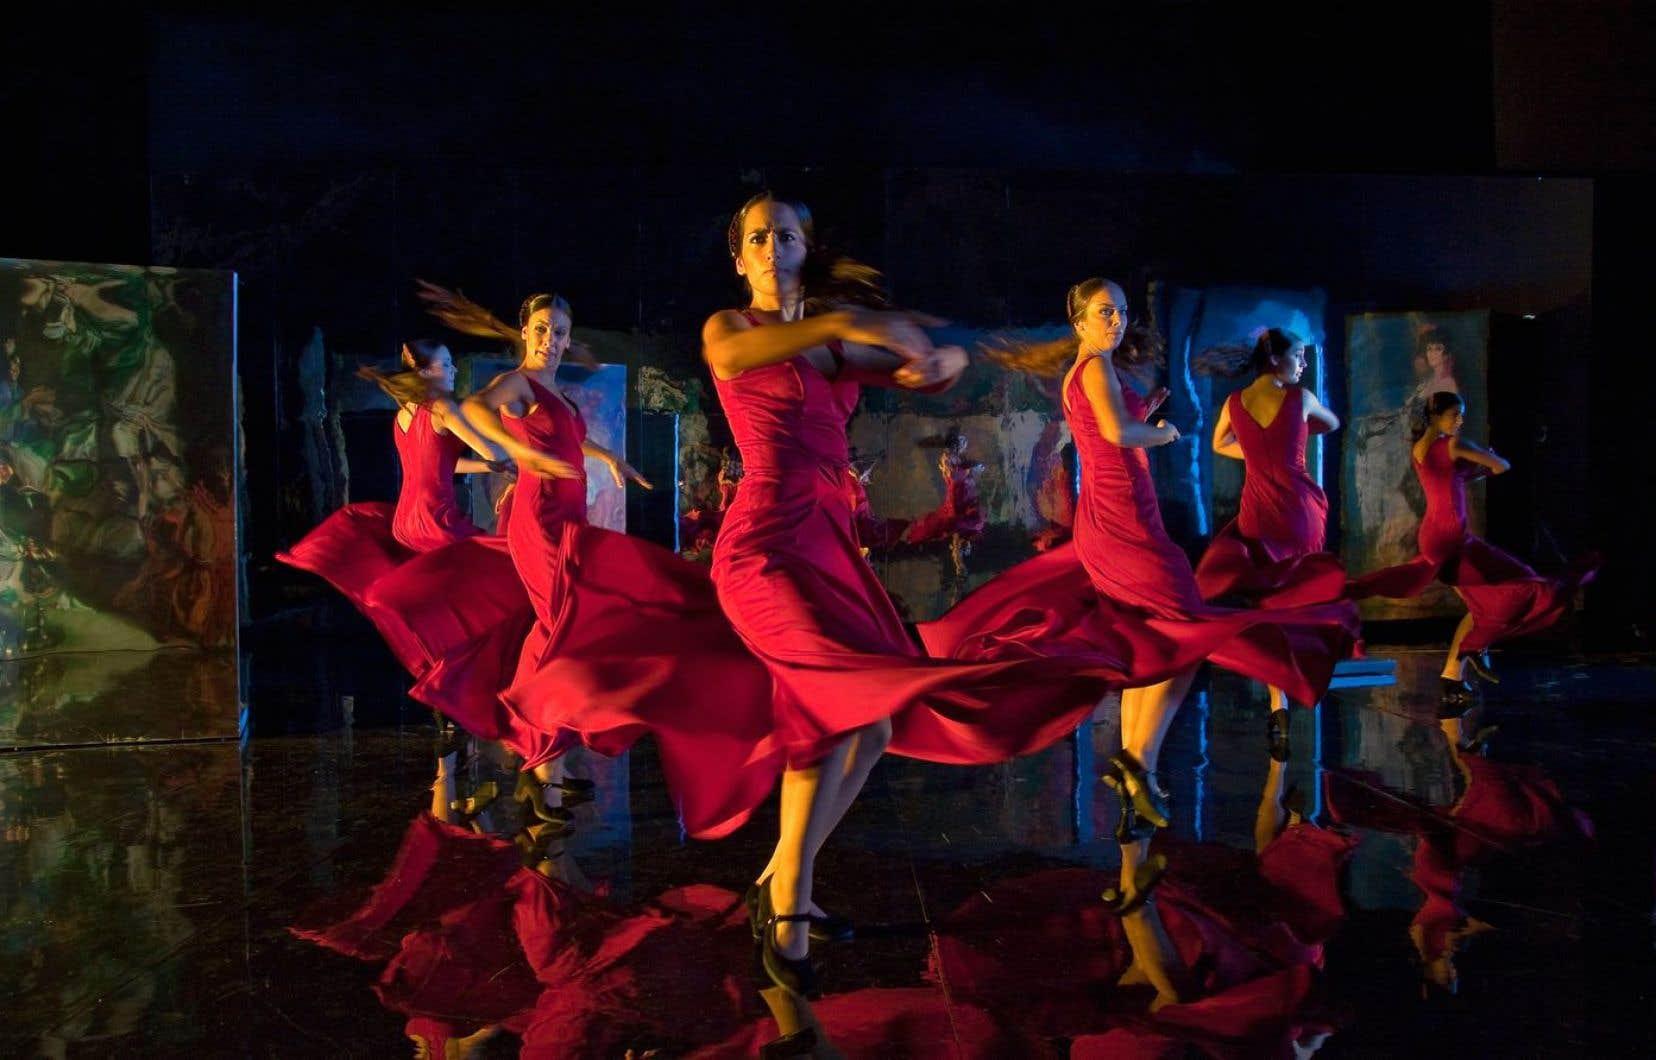 L'immense réalisateur espagnol Carlos Saura, en marge de la fiction, s'est beaucoup intéressé à la musique et à la danse par l'entremise du documentaire. «Flamenco flamenco» est l'un des meilleurs opus de ce volet de sa filmographie.